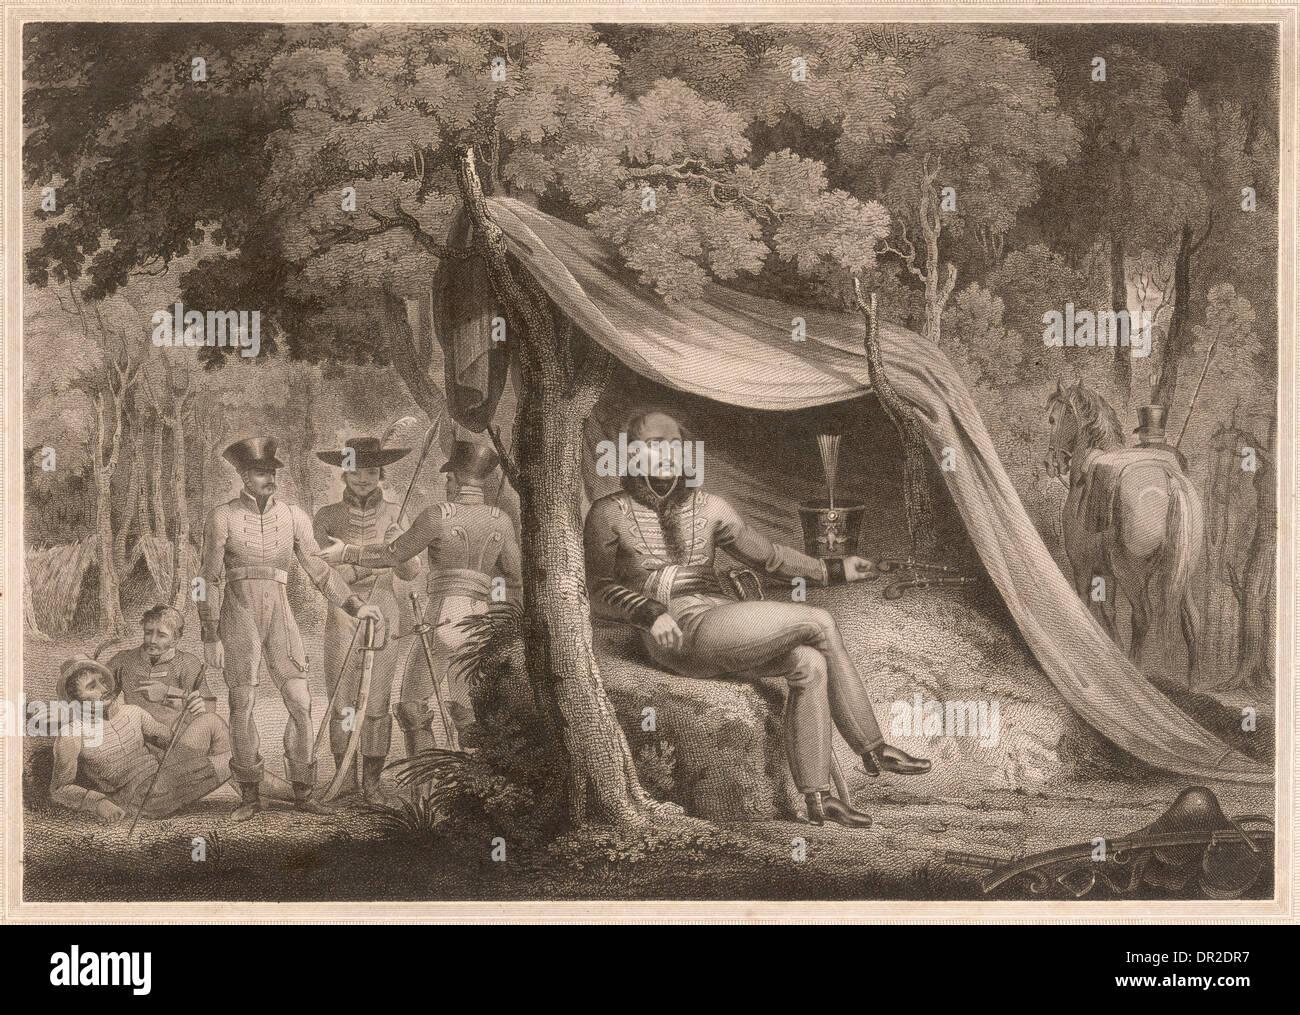 GENERAL JULIEN SANCHEZ - Stock Image